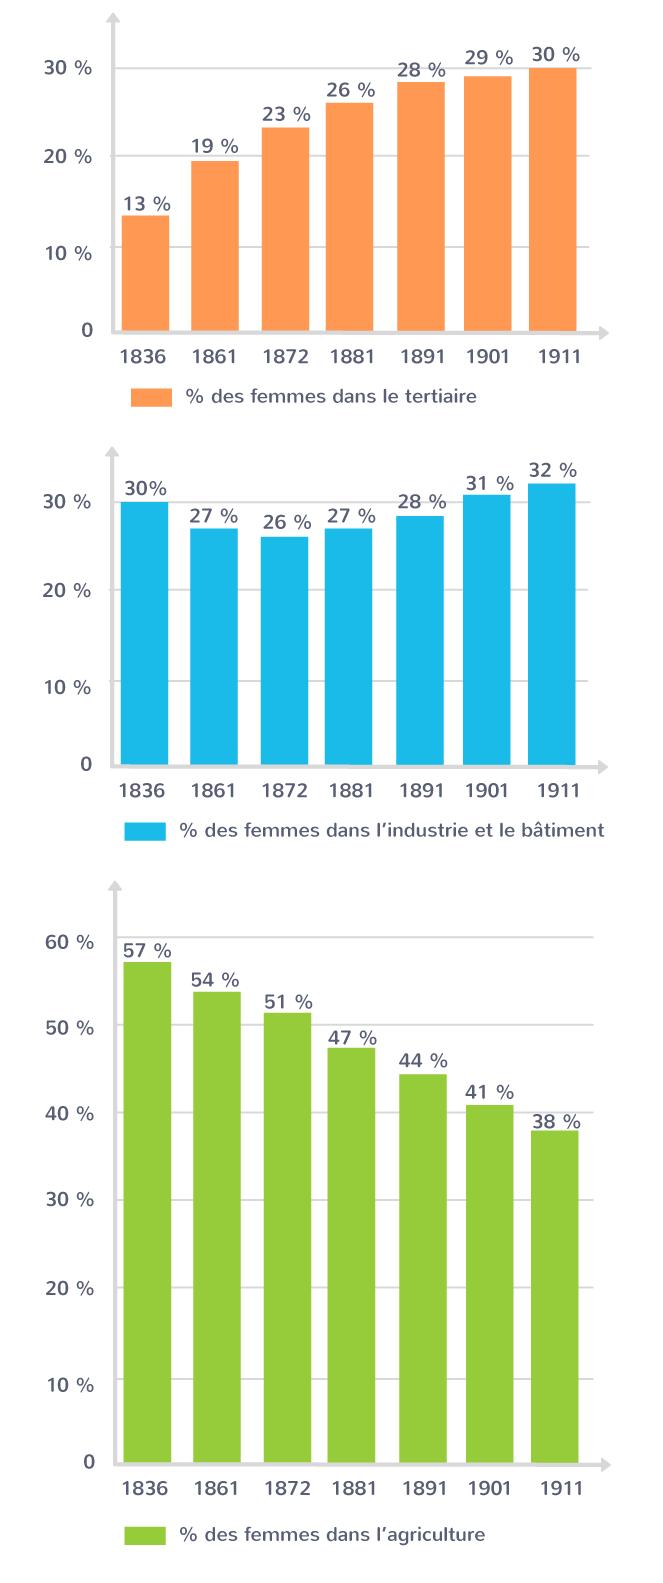 L'évolution de l'emploi des femmes entre 1836 et 1911